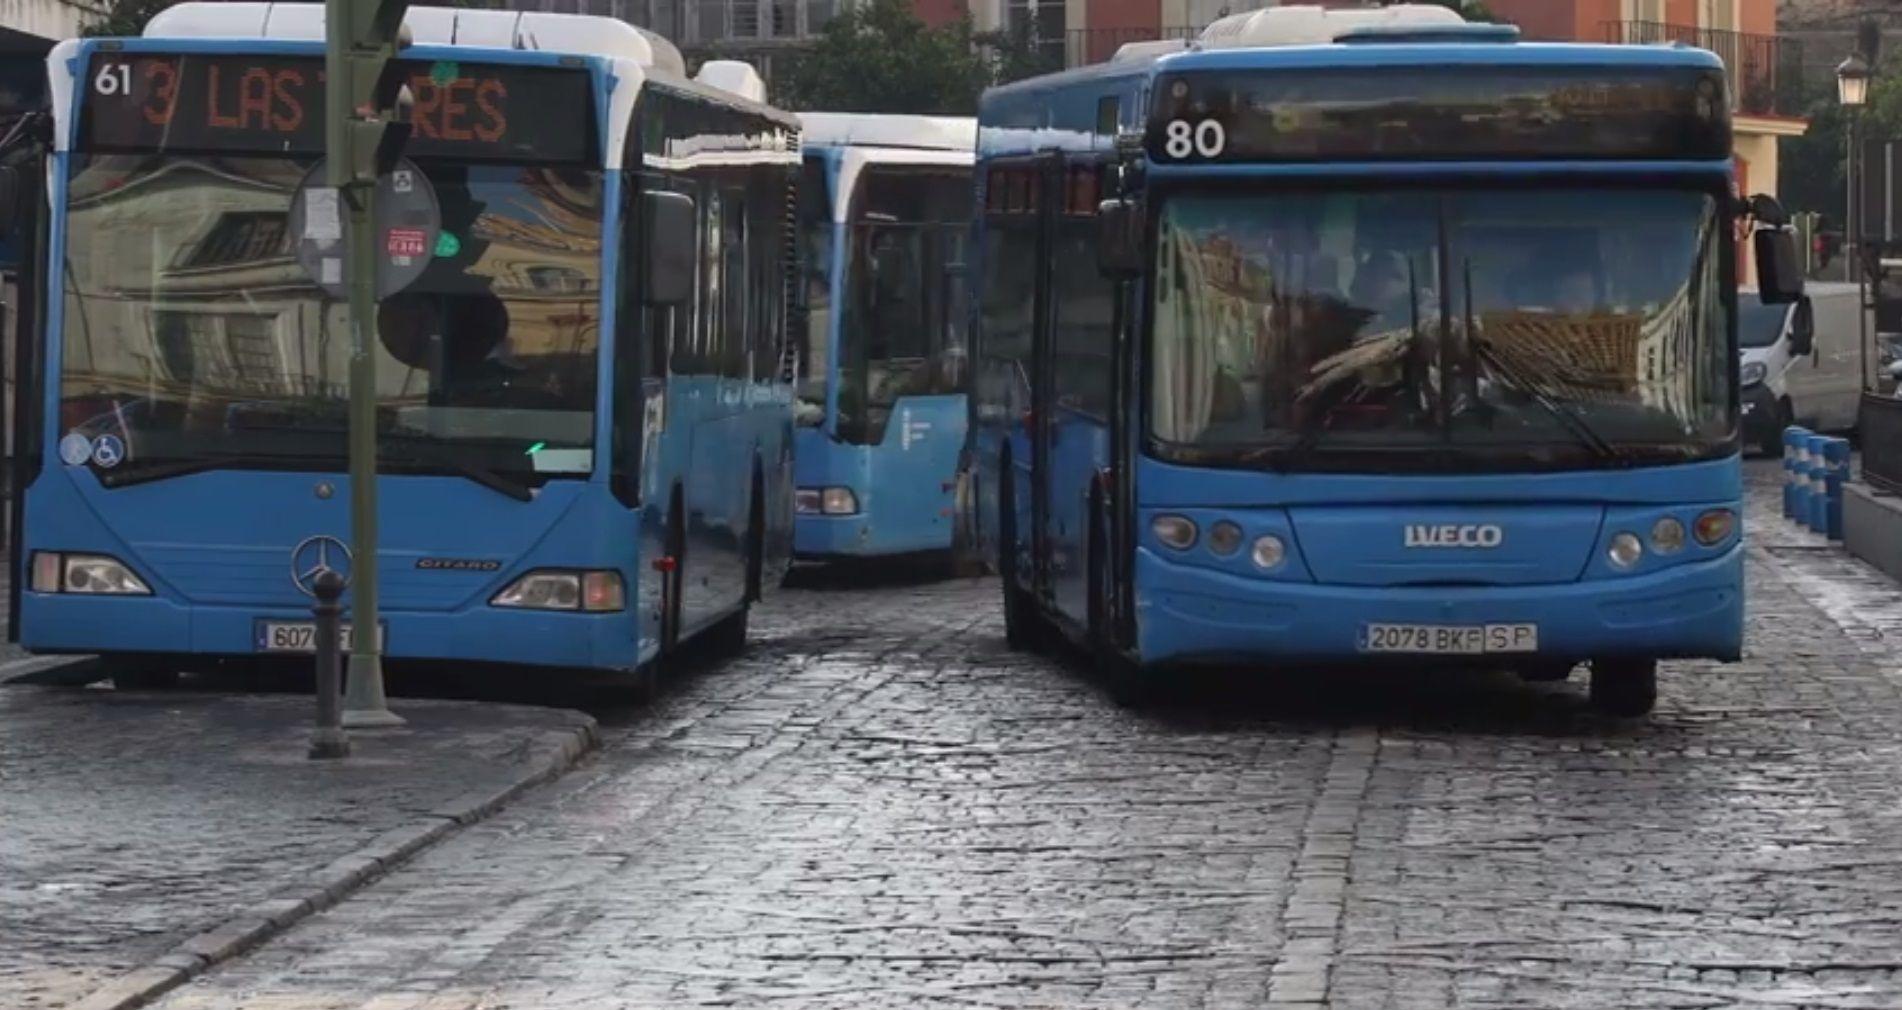 Imagen de autobuses en el centro de Jerez.